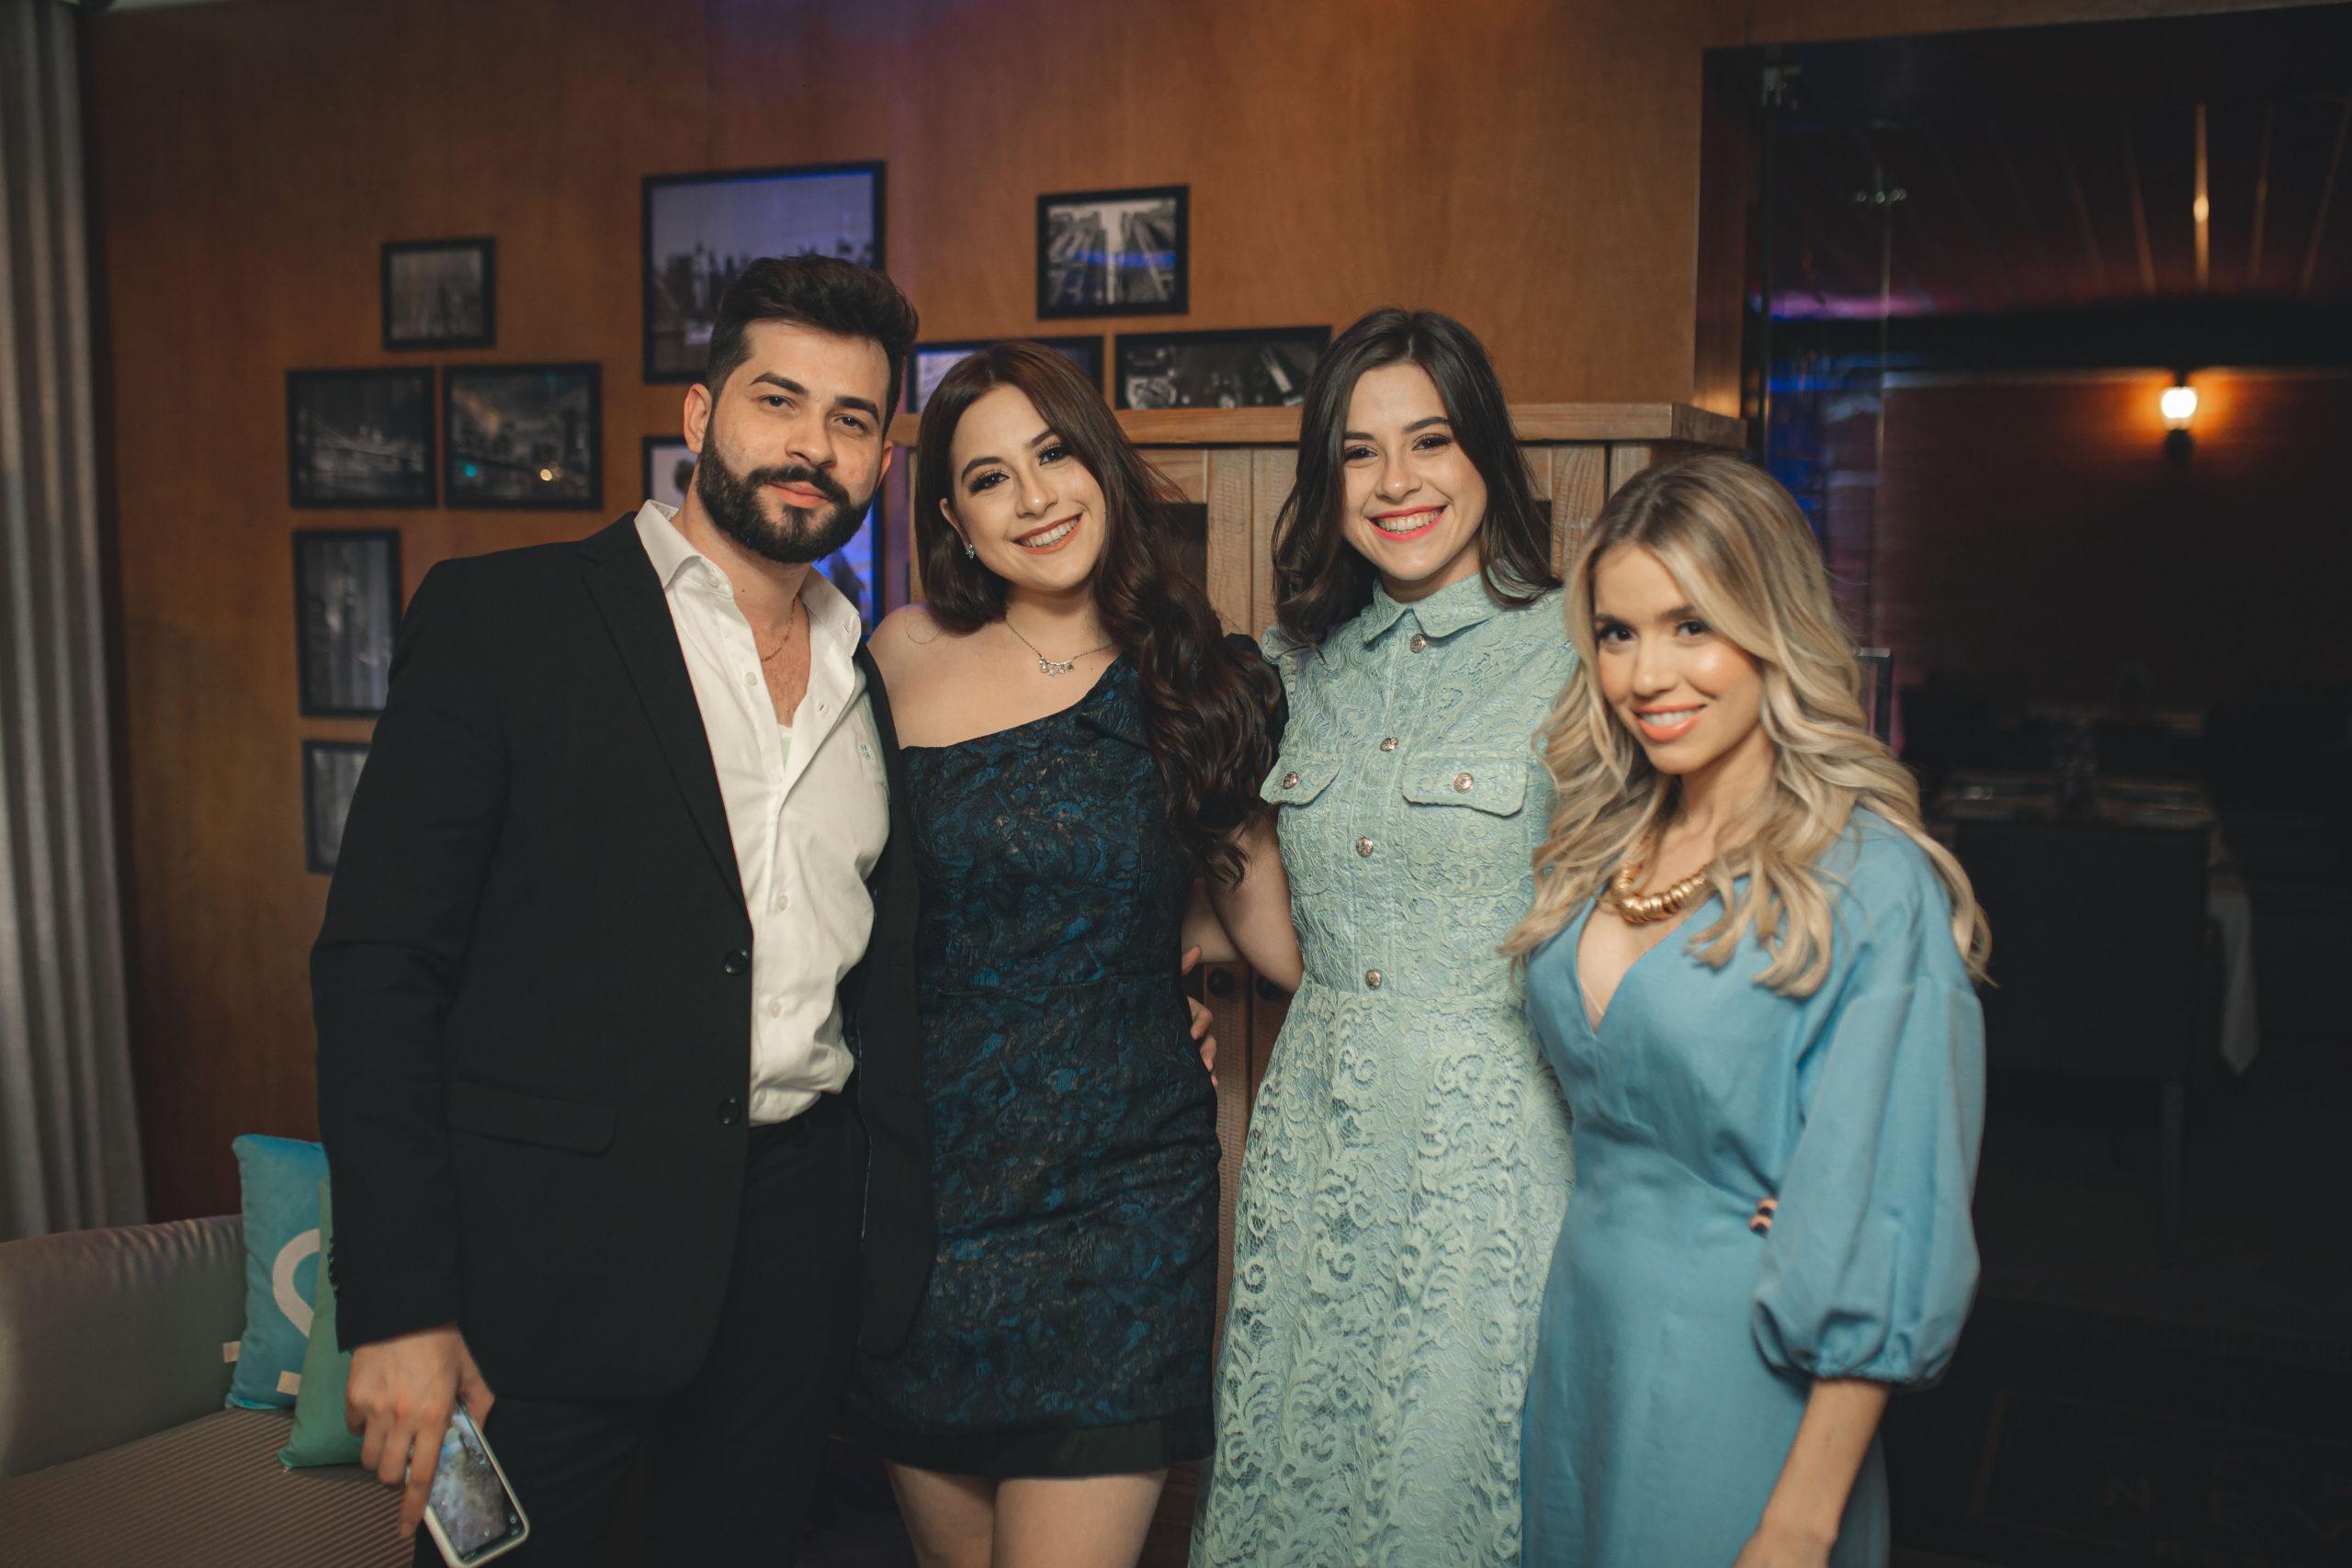 João Paulo Bachur, Ana Vitória Schulz, Maria Elisa Schulz, Carolina Ribeiro